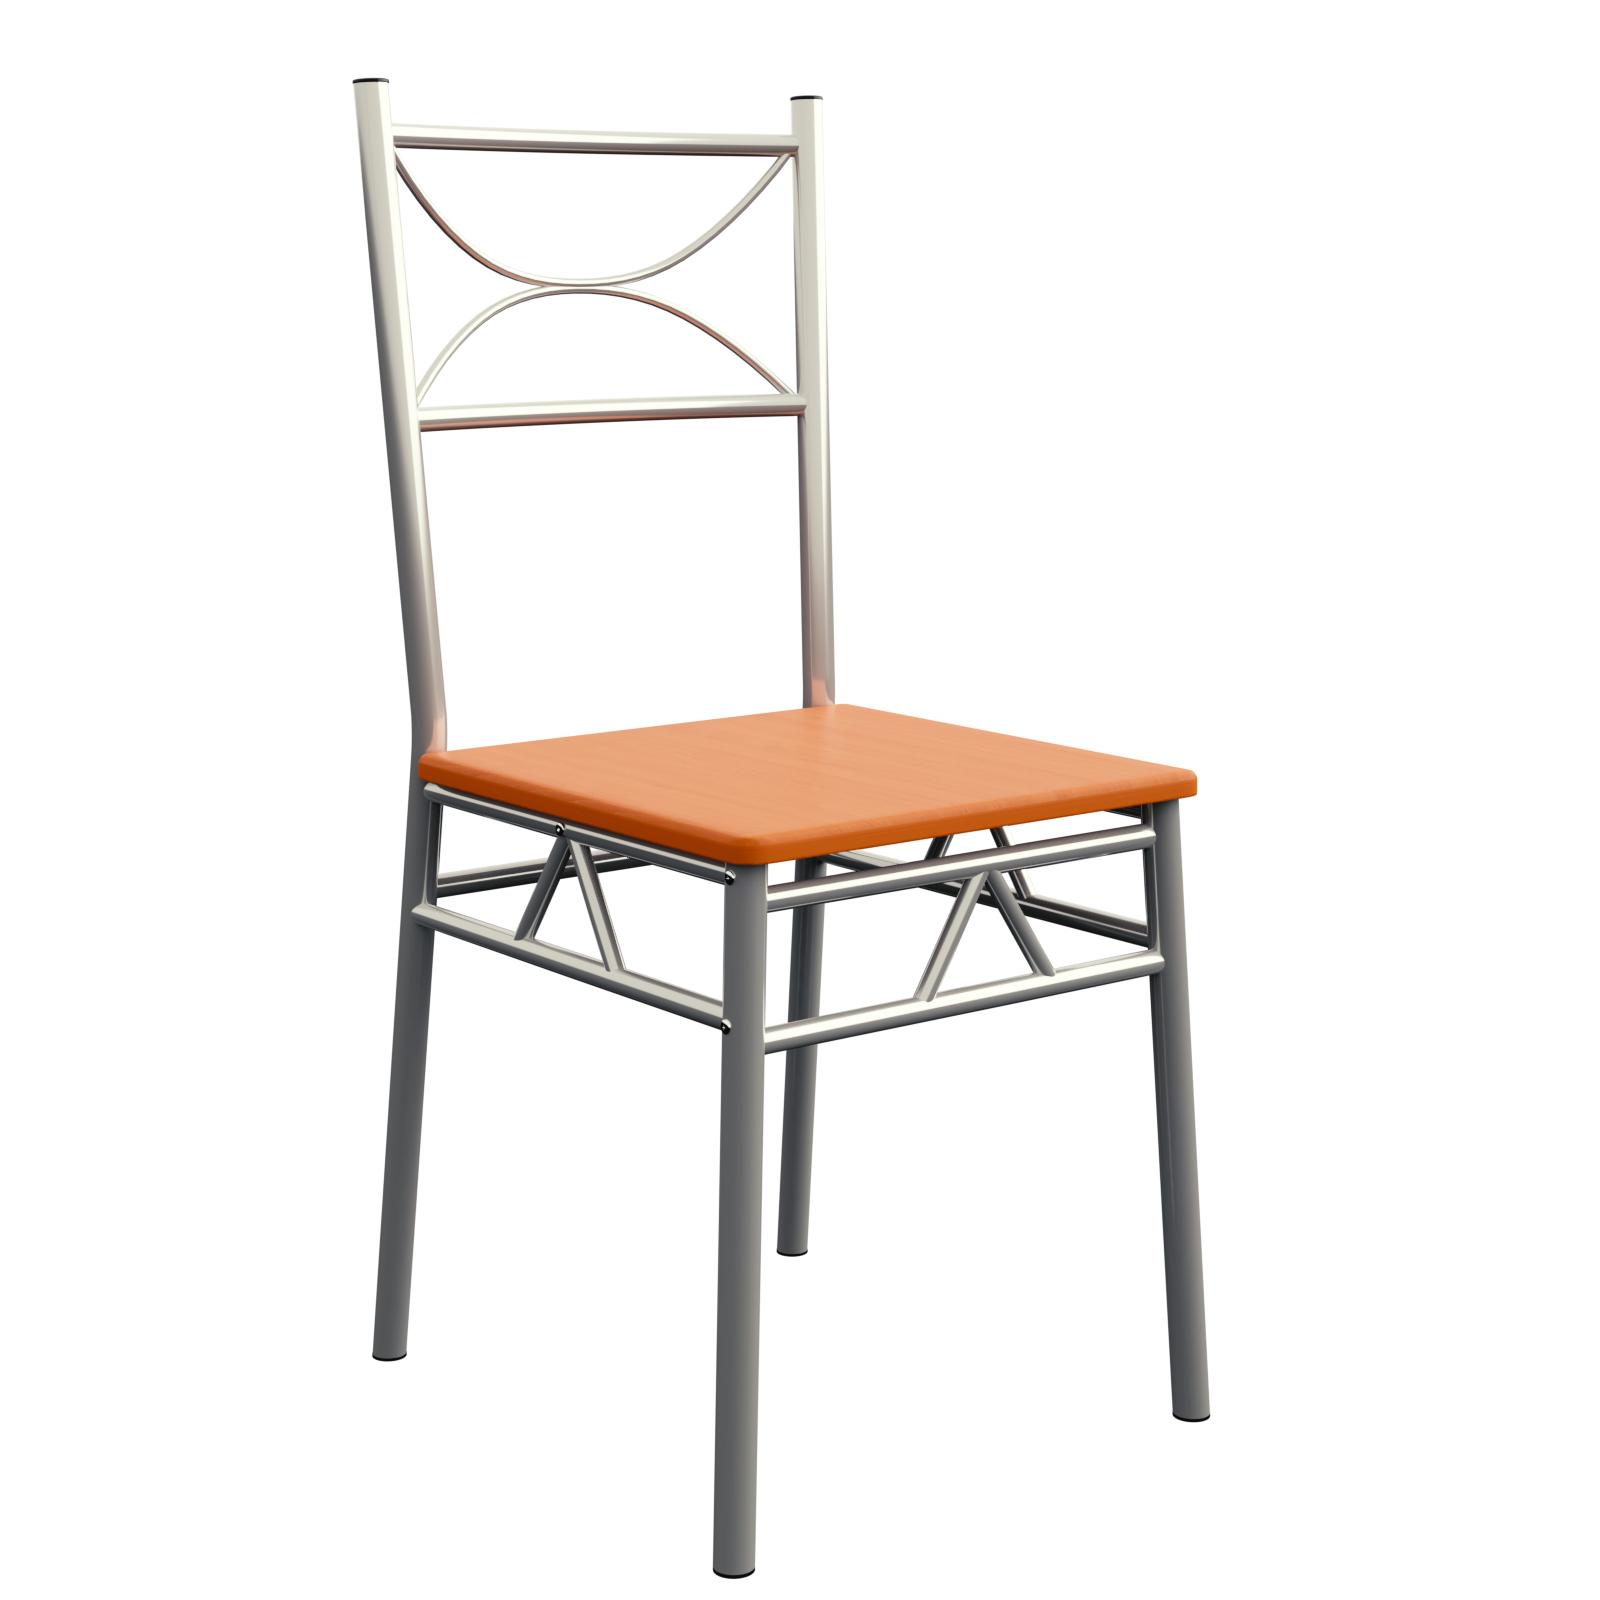 essgruppe esstisch k chentisch mit 4 st hlen sitzgruppe k che tisch stuhl set ebay. Black Bedroom Furniture Sets. Home Design Ideas